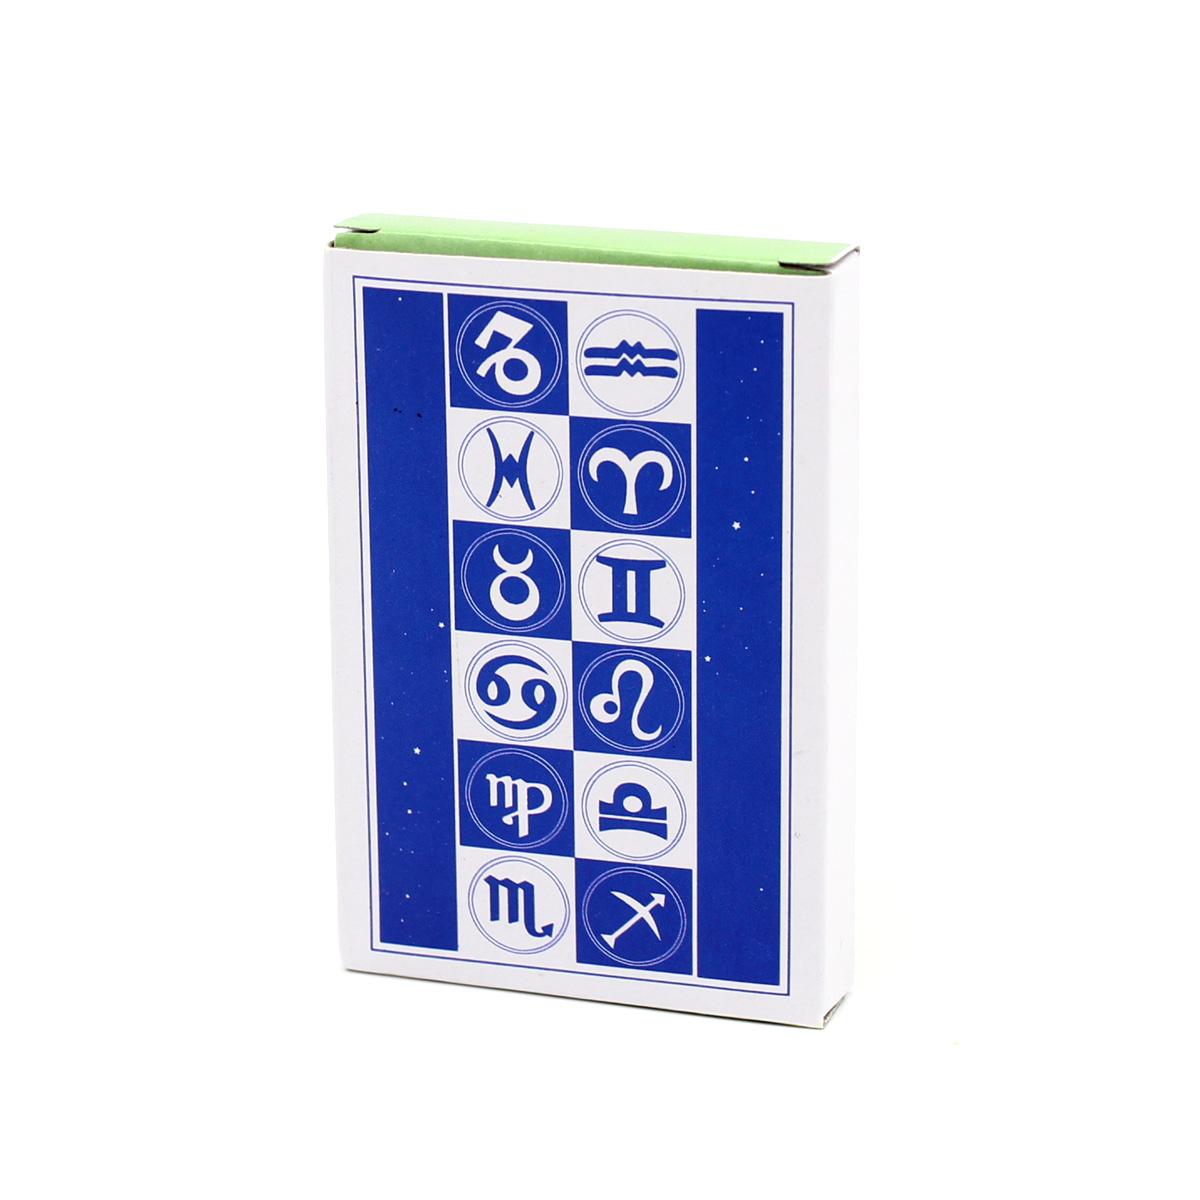 Цыганские гадальные карты, 36 карт, инструкция с описаниями раскладов